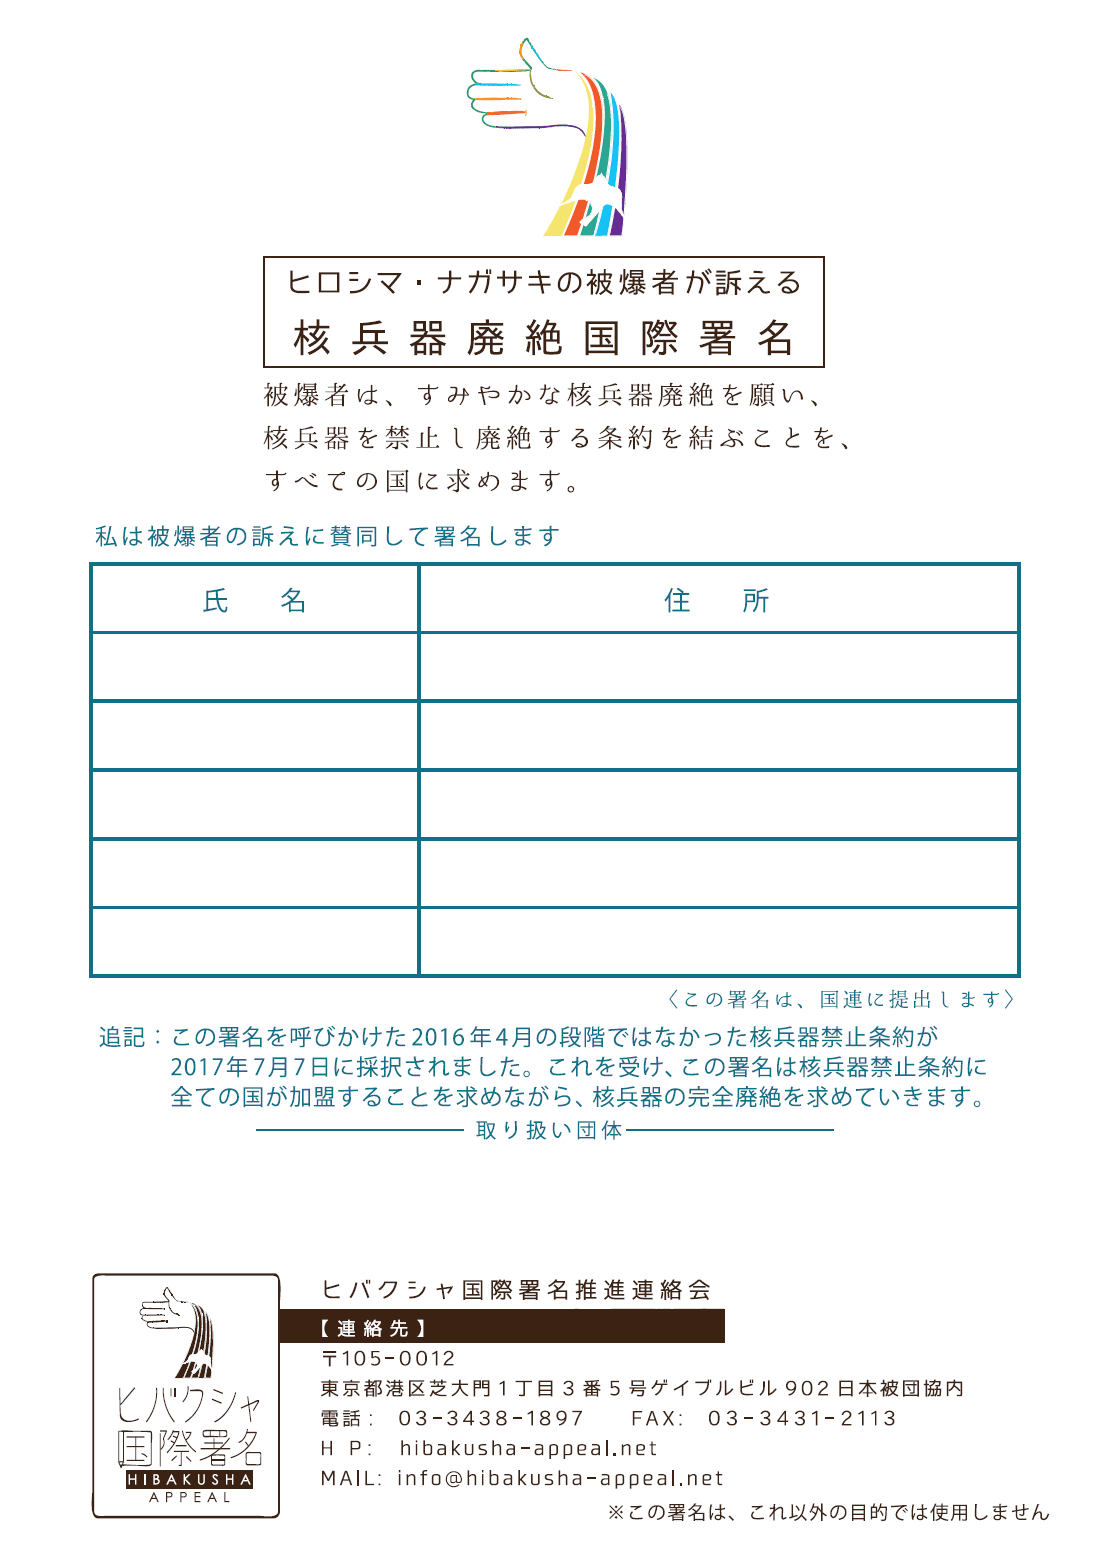 ヒバクシャ国際署名署名用紙イメージ